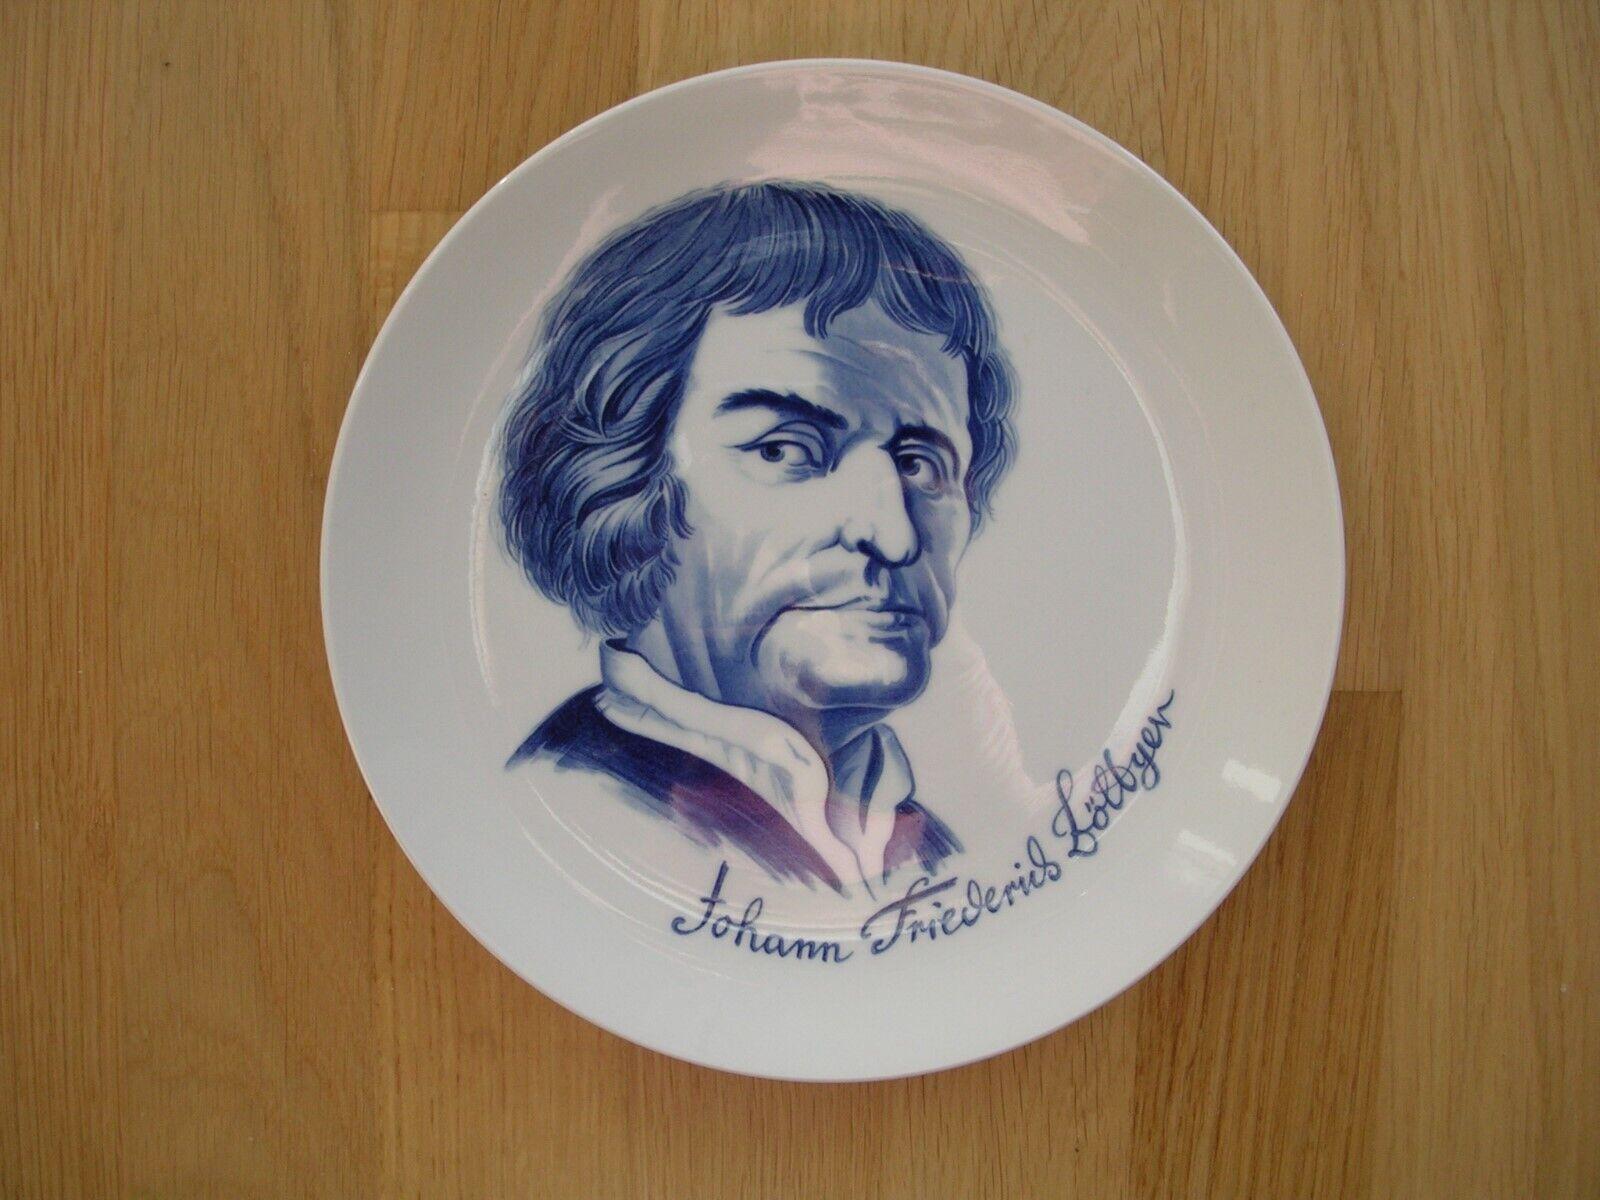 Image 01 - Meissen Plate Wall Plate Wall Commemorative Plate Johann Fried Erich Böttger